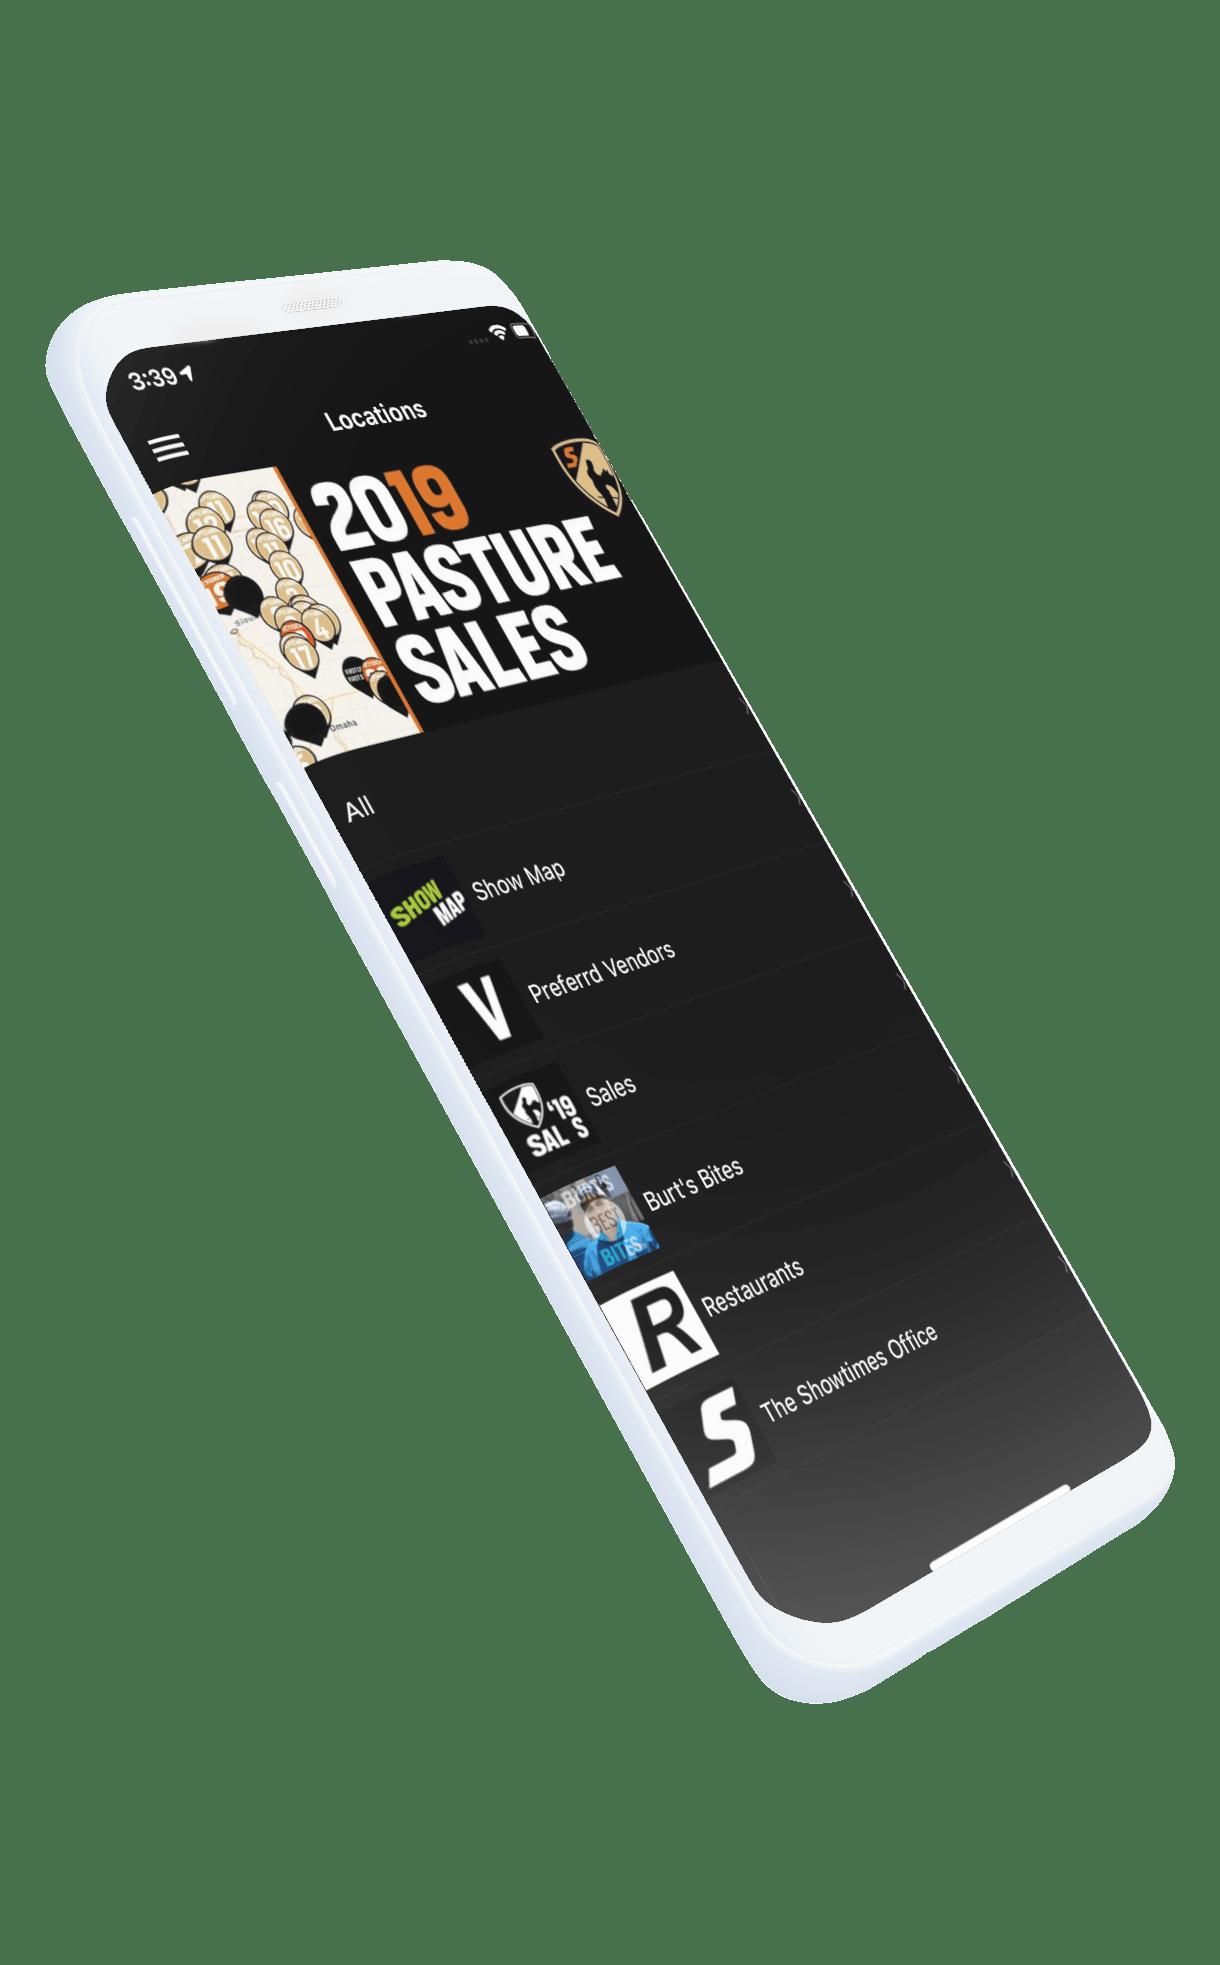 Custom app design phone picture